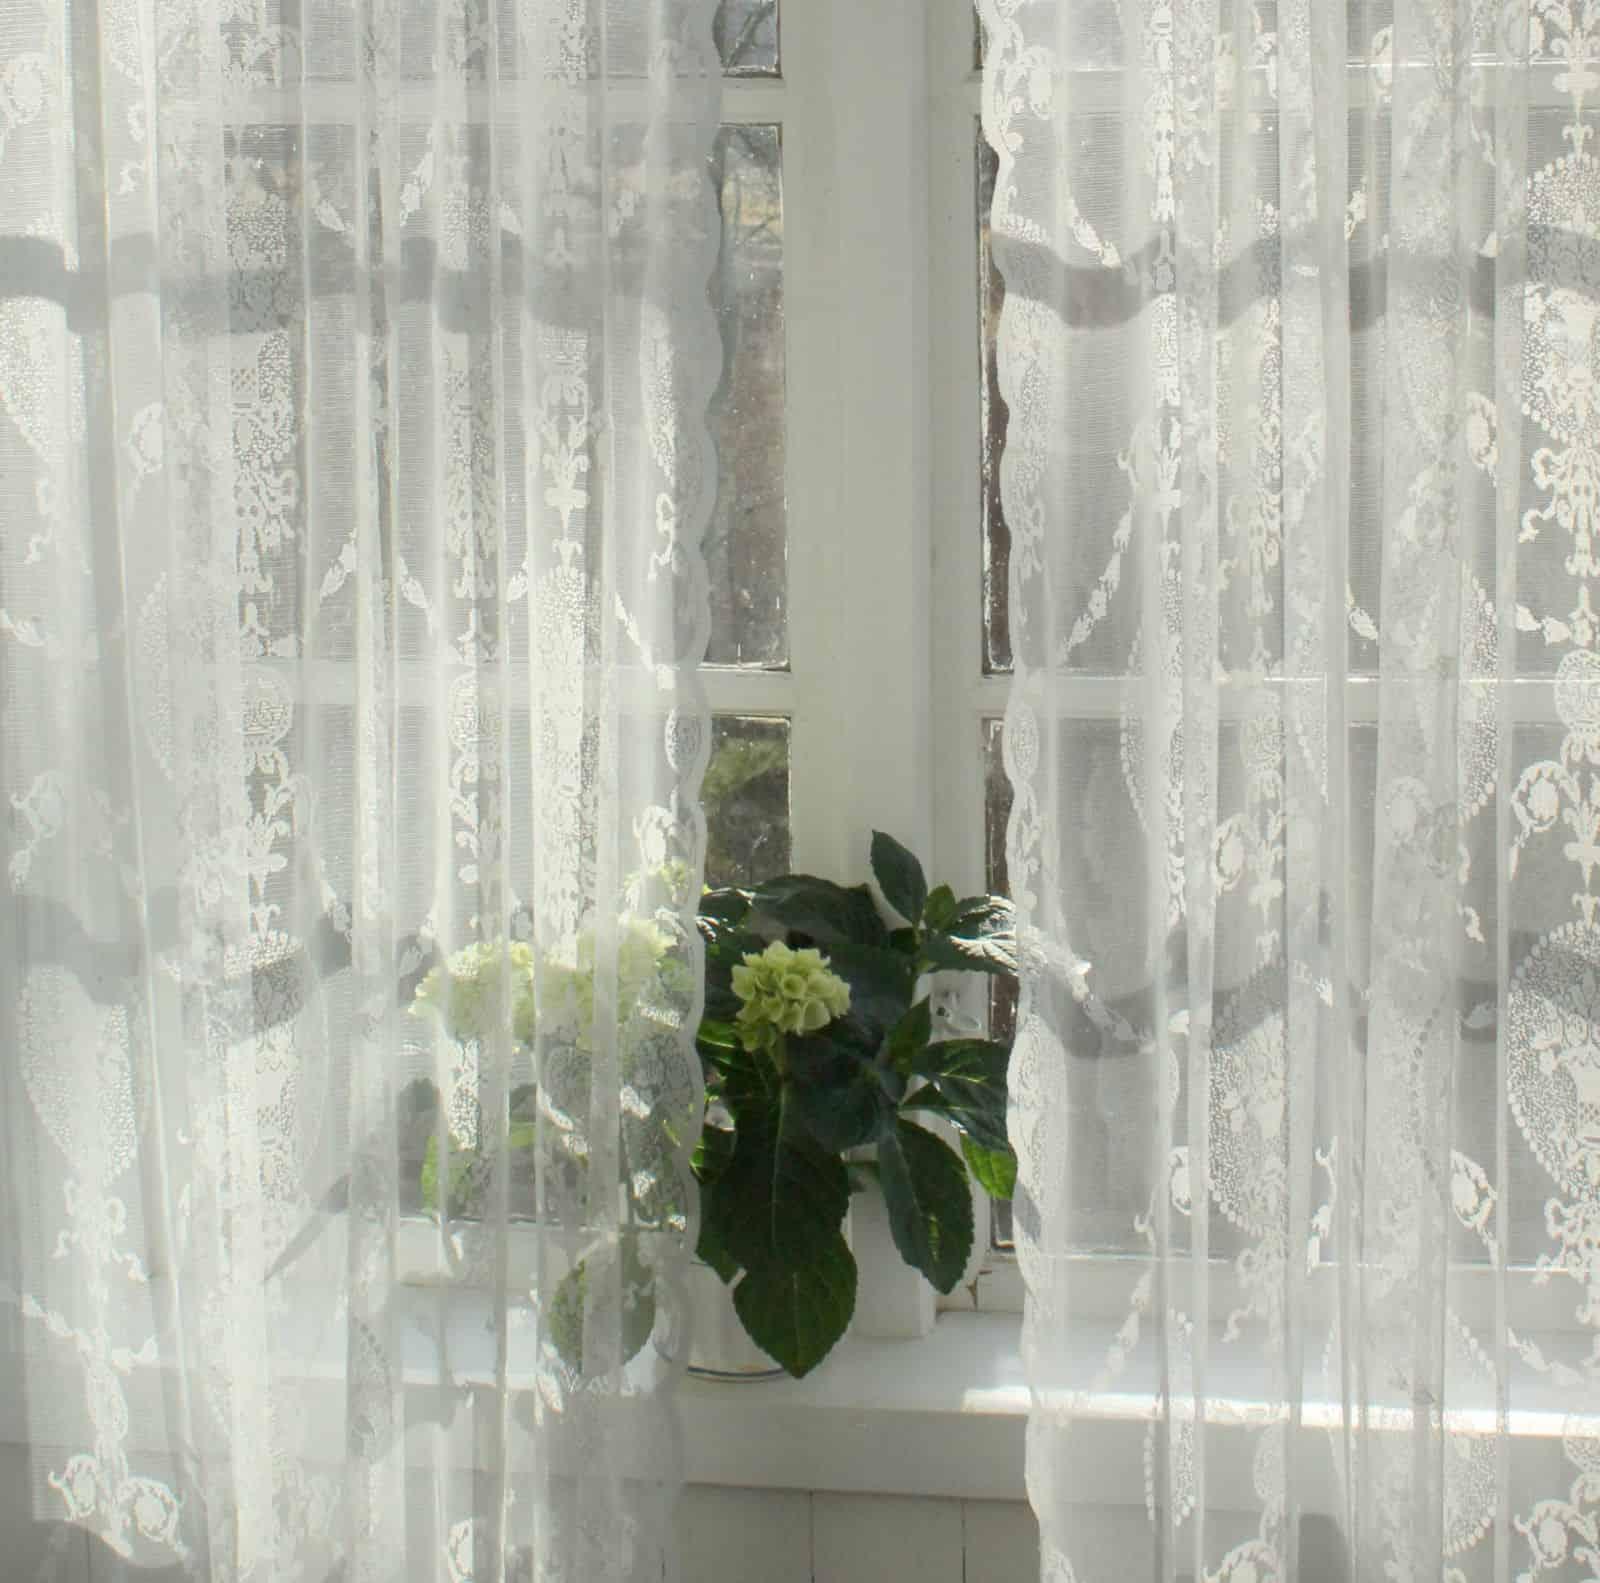 Full Size of Vorhang Avery Offwhite Spitzen Gardine Shabby Landhaus Gardinen Für Wohnzimmer Bett Landhausstil Regal Betten Küche Fenster Bad Scheibengardinen Schlafzimmer Wohnzimmer Gardinen Landhausstil